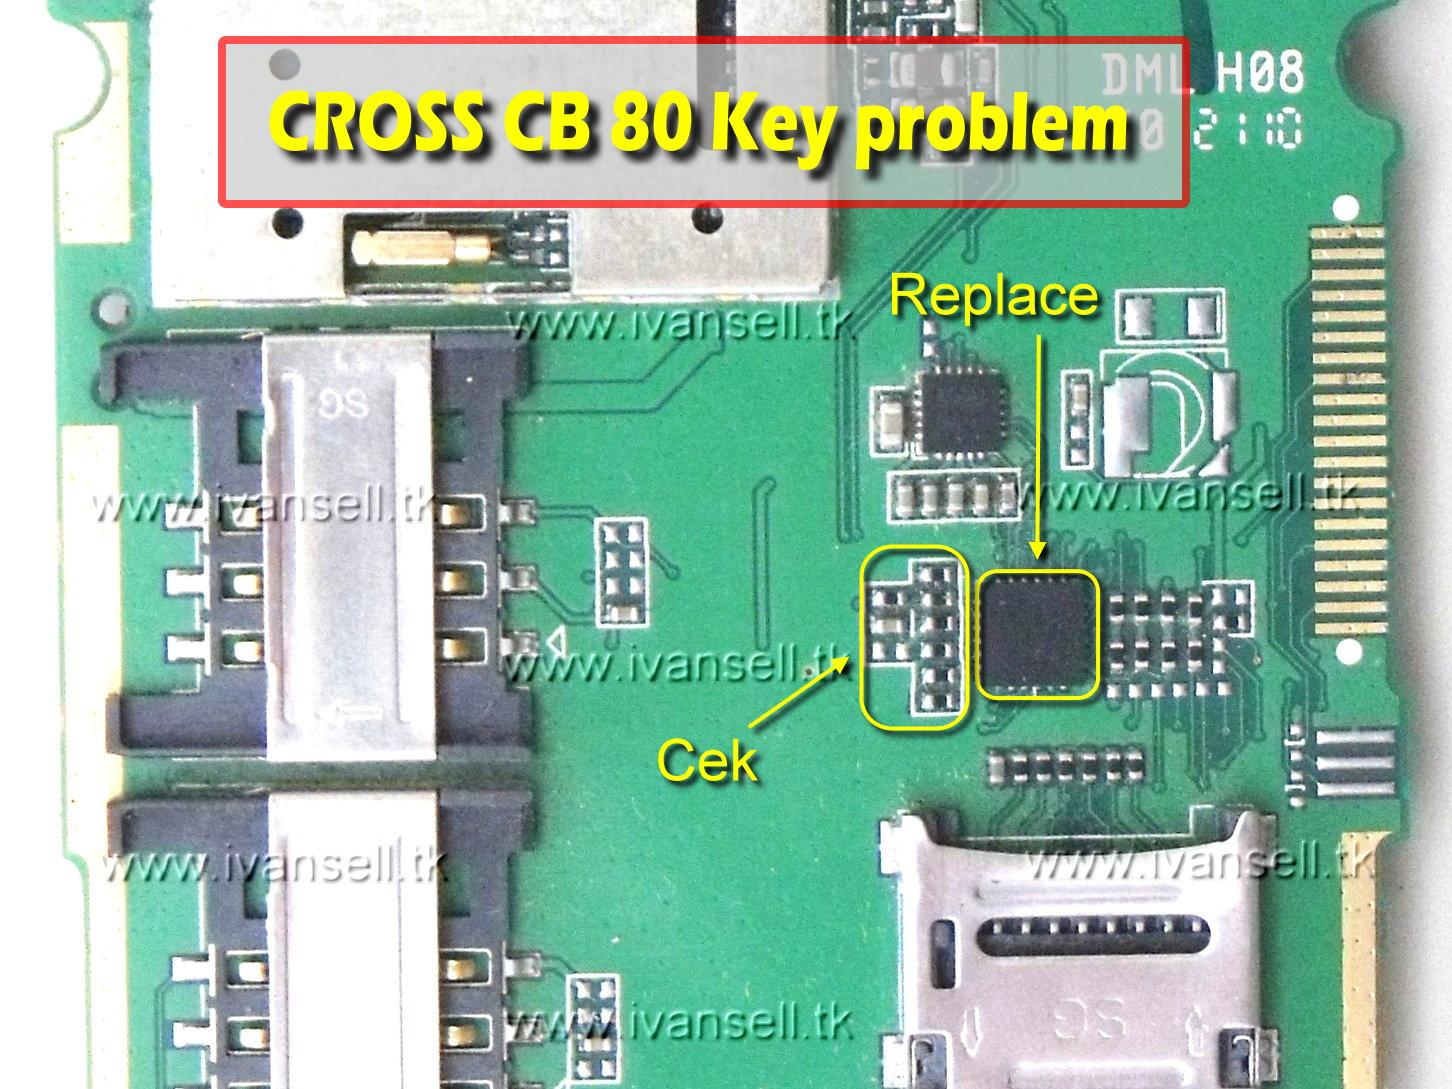 http://2.bp.blogspot.com/-il11-Hi45fQ/TmWmaZmhk9I/AAAAAAAAADM/AkmHCv1c9no/s1600/cross+cb80+keypad+problem.jpg